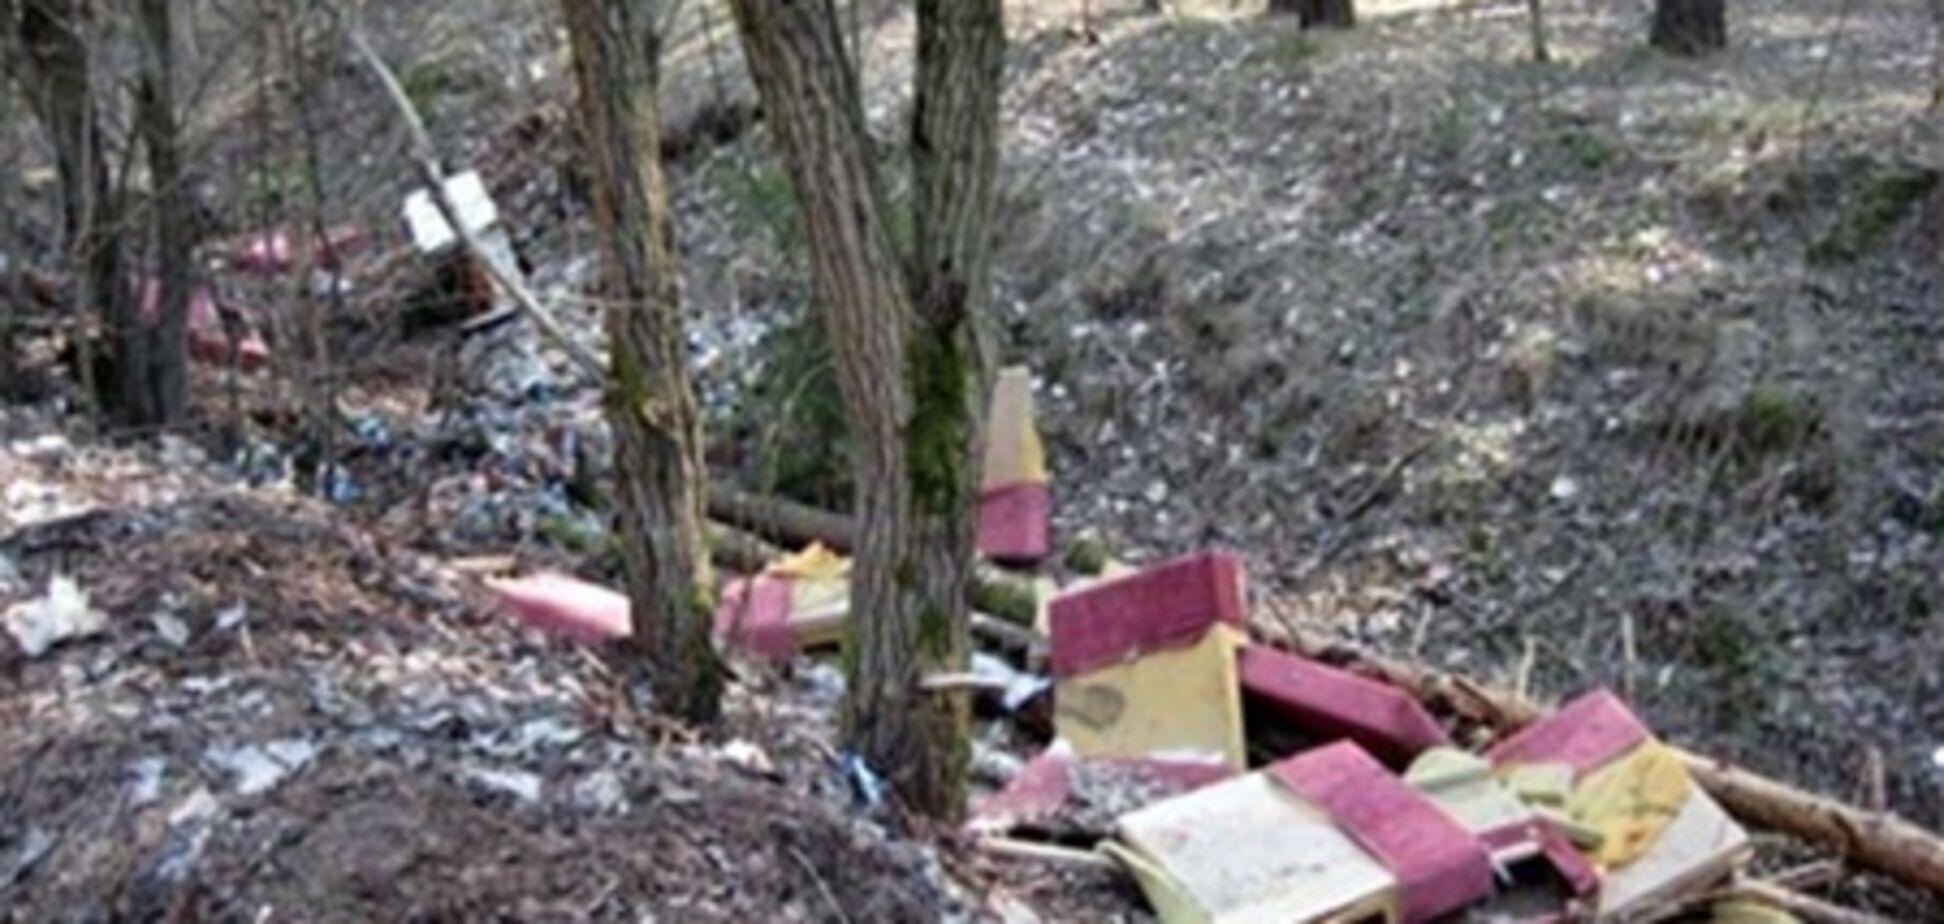 Строители засорили 3 тыс. кв. м леса в Крыму